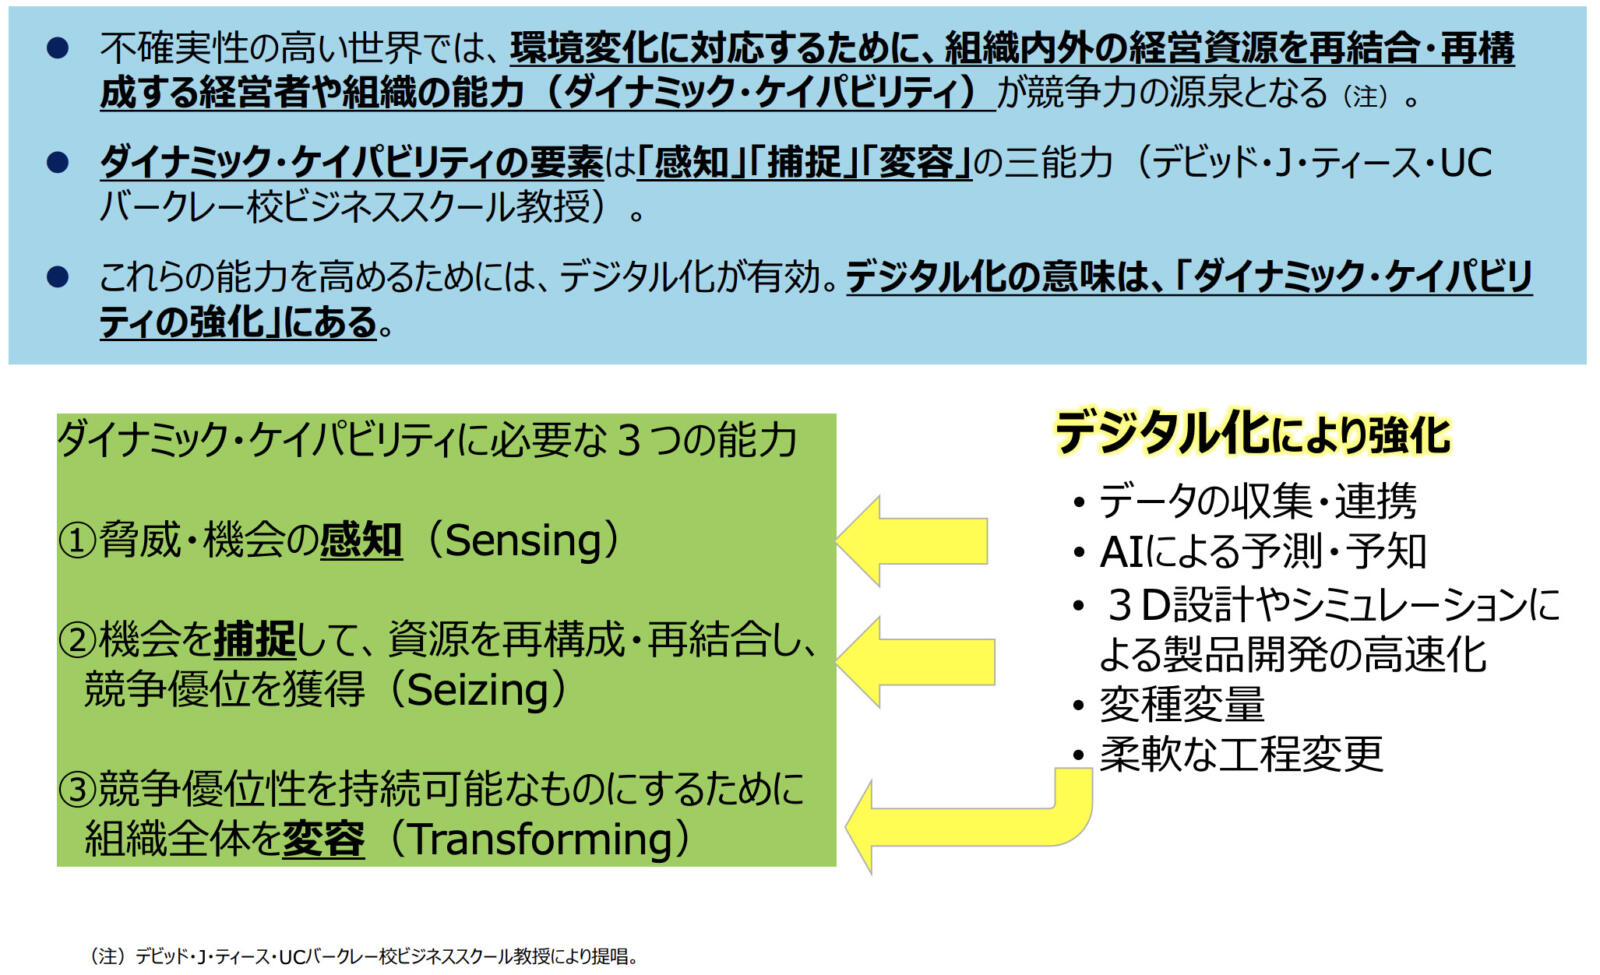 ダイナミック・ケイパビリティの3つの能力を説明した図